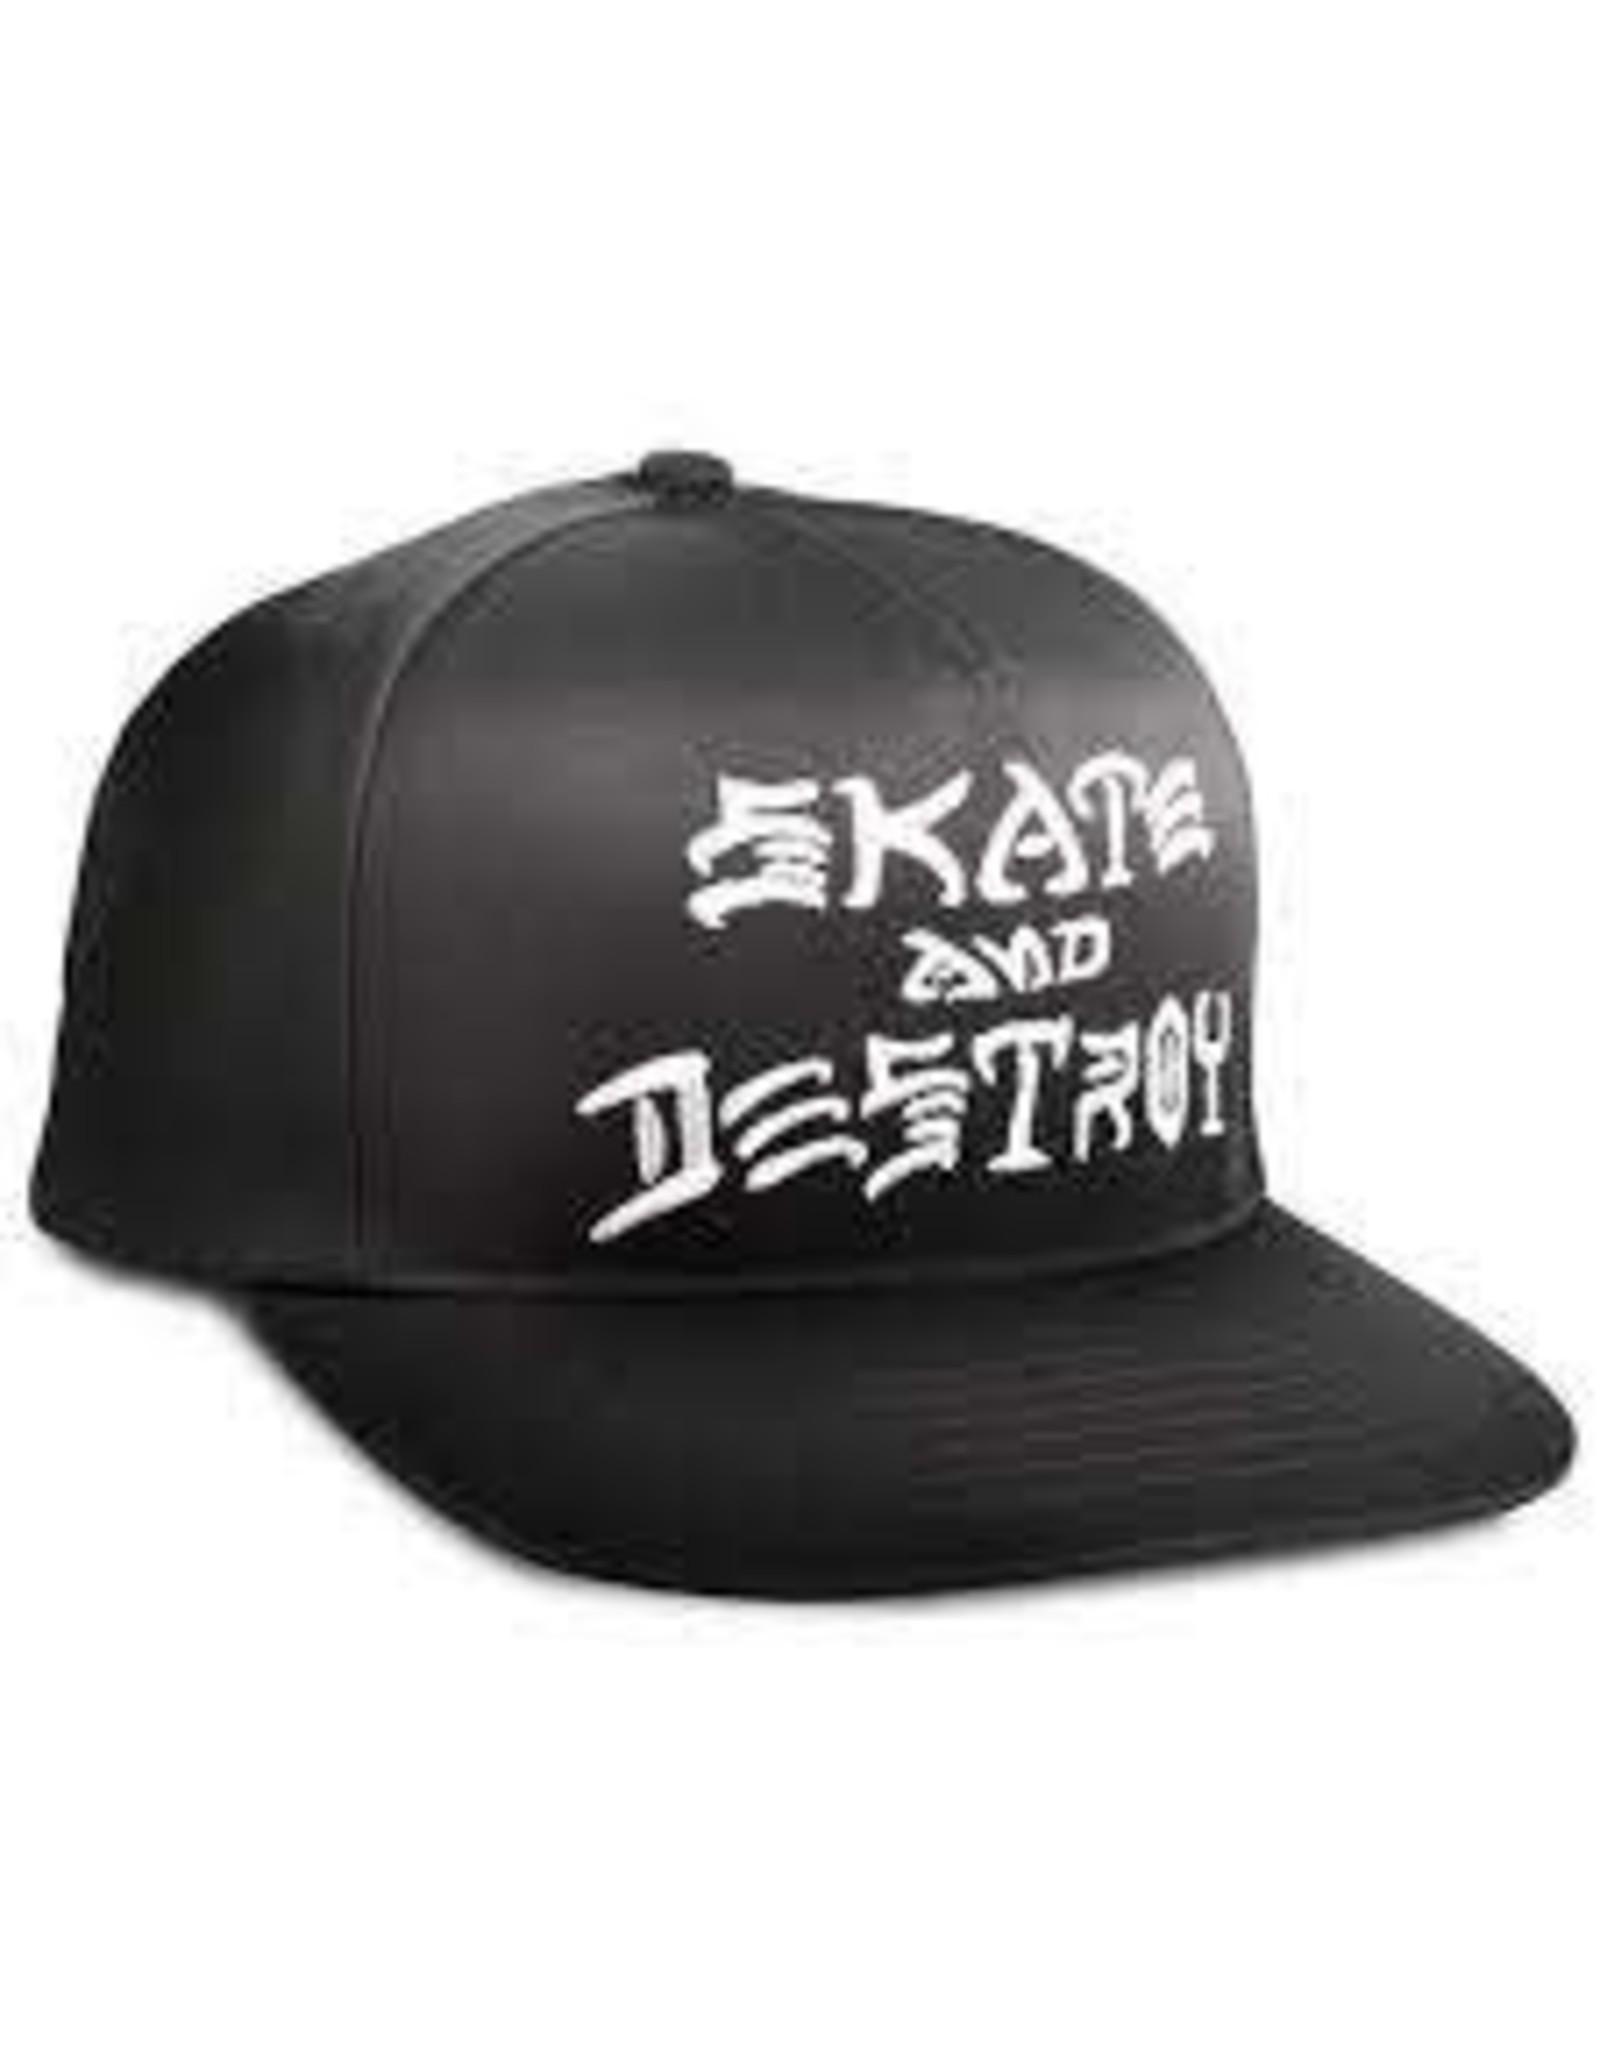 Trasher Trasher Skate And Destroy Cap Black